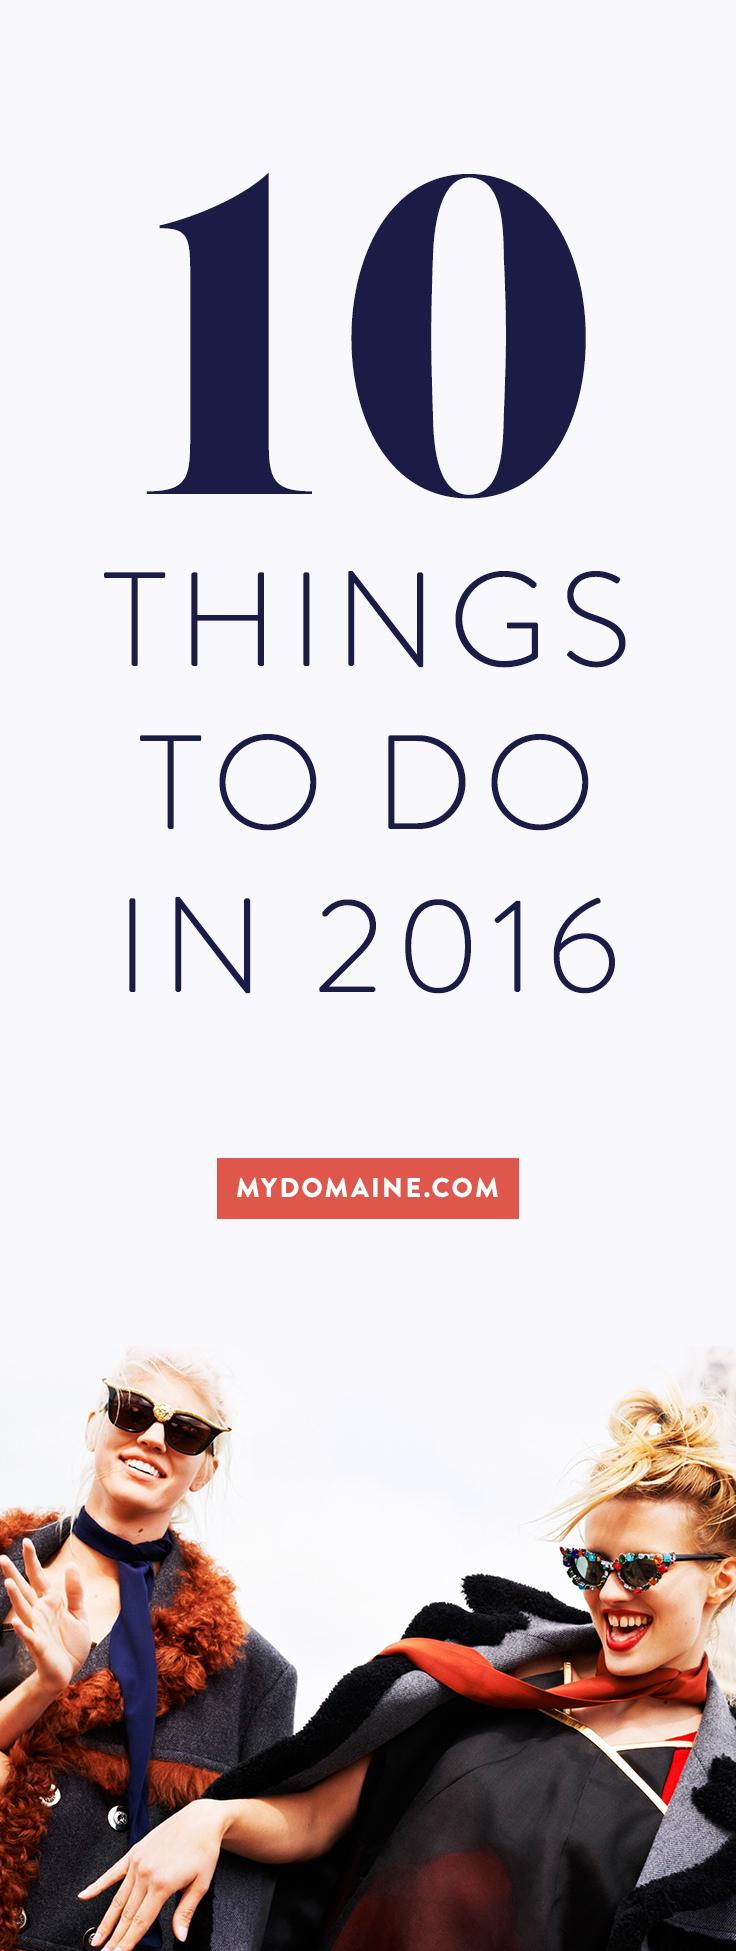 social_things-2016.jpg